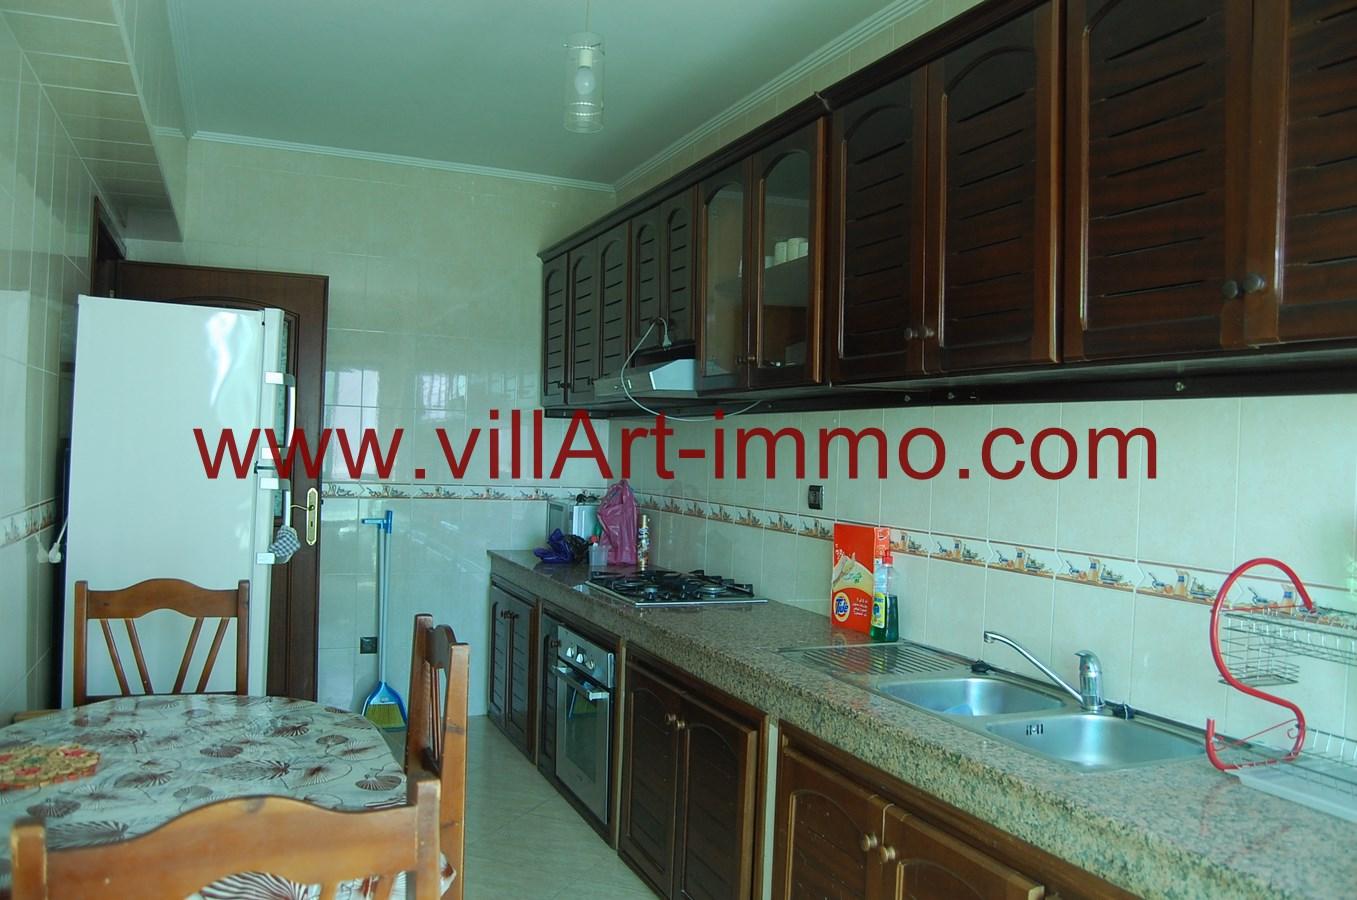 6-A louer-Appartement-Meublé-Tanger-Cuisine-L900-Villart immo